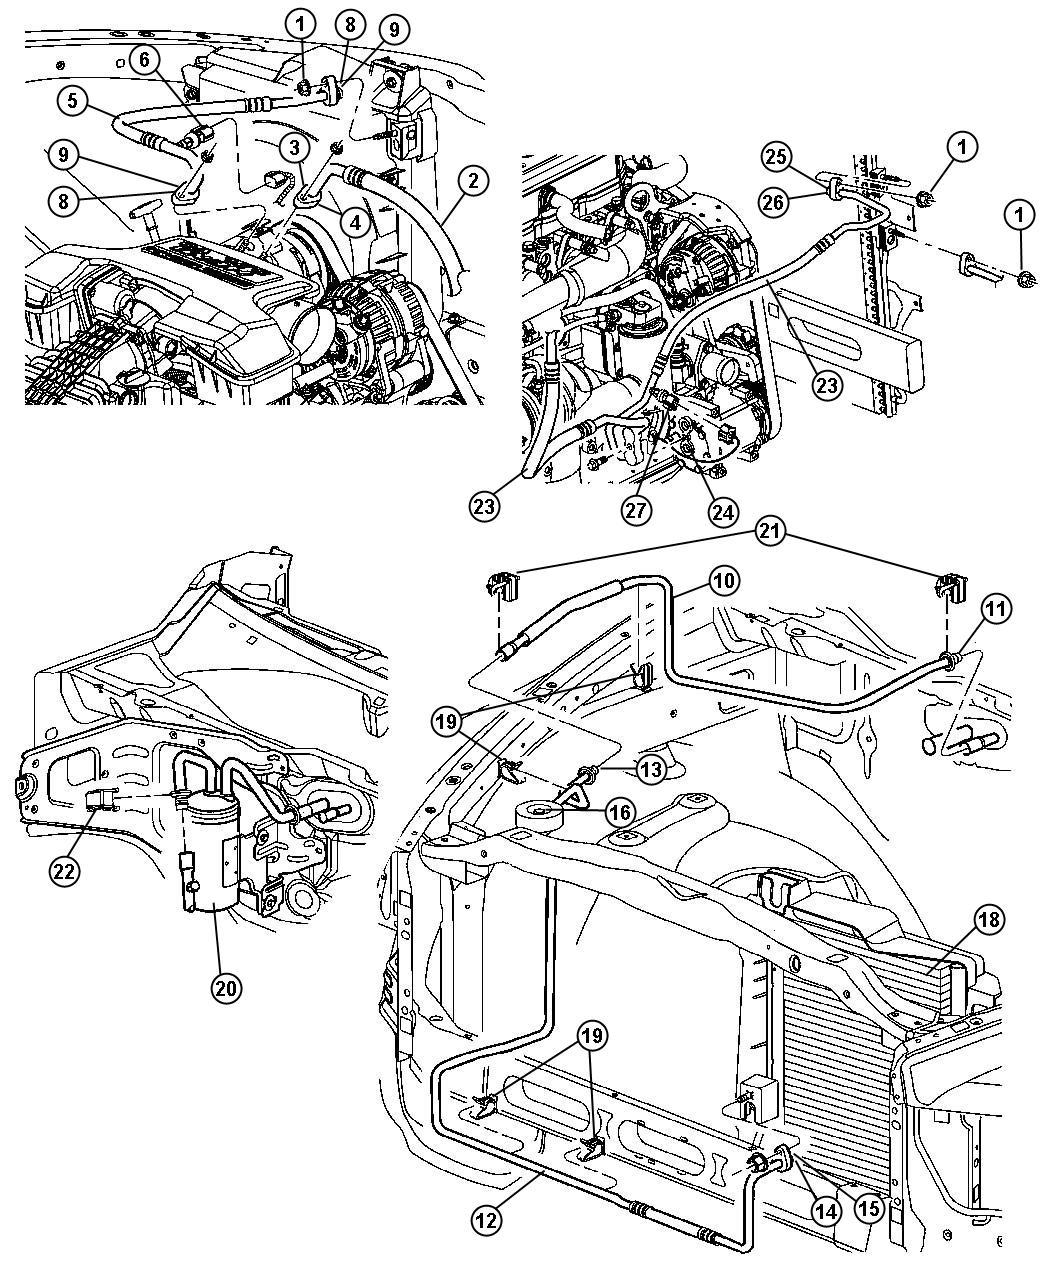 Dodge Ram Accumulator Air Conditioning Used